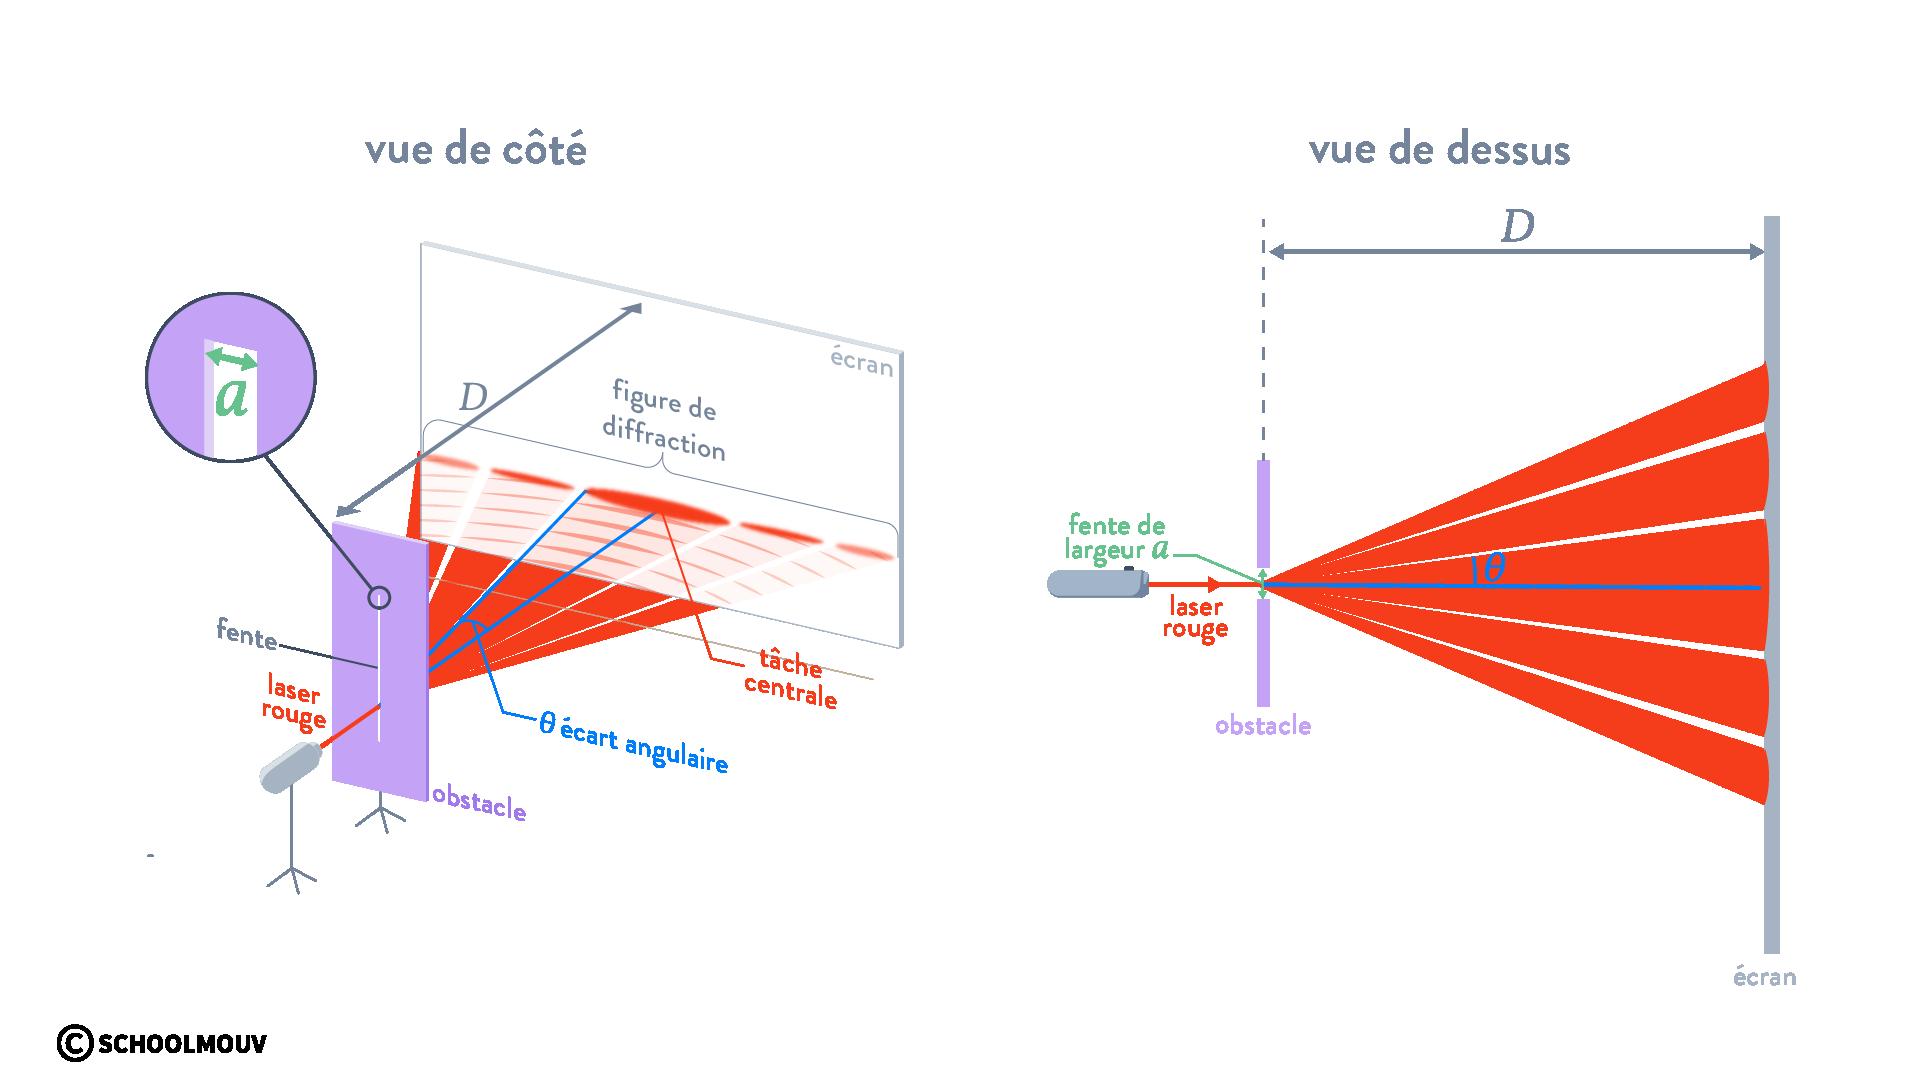 diffraction d'une onde physique chimie terminal schoolmouv onde électromagnétique